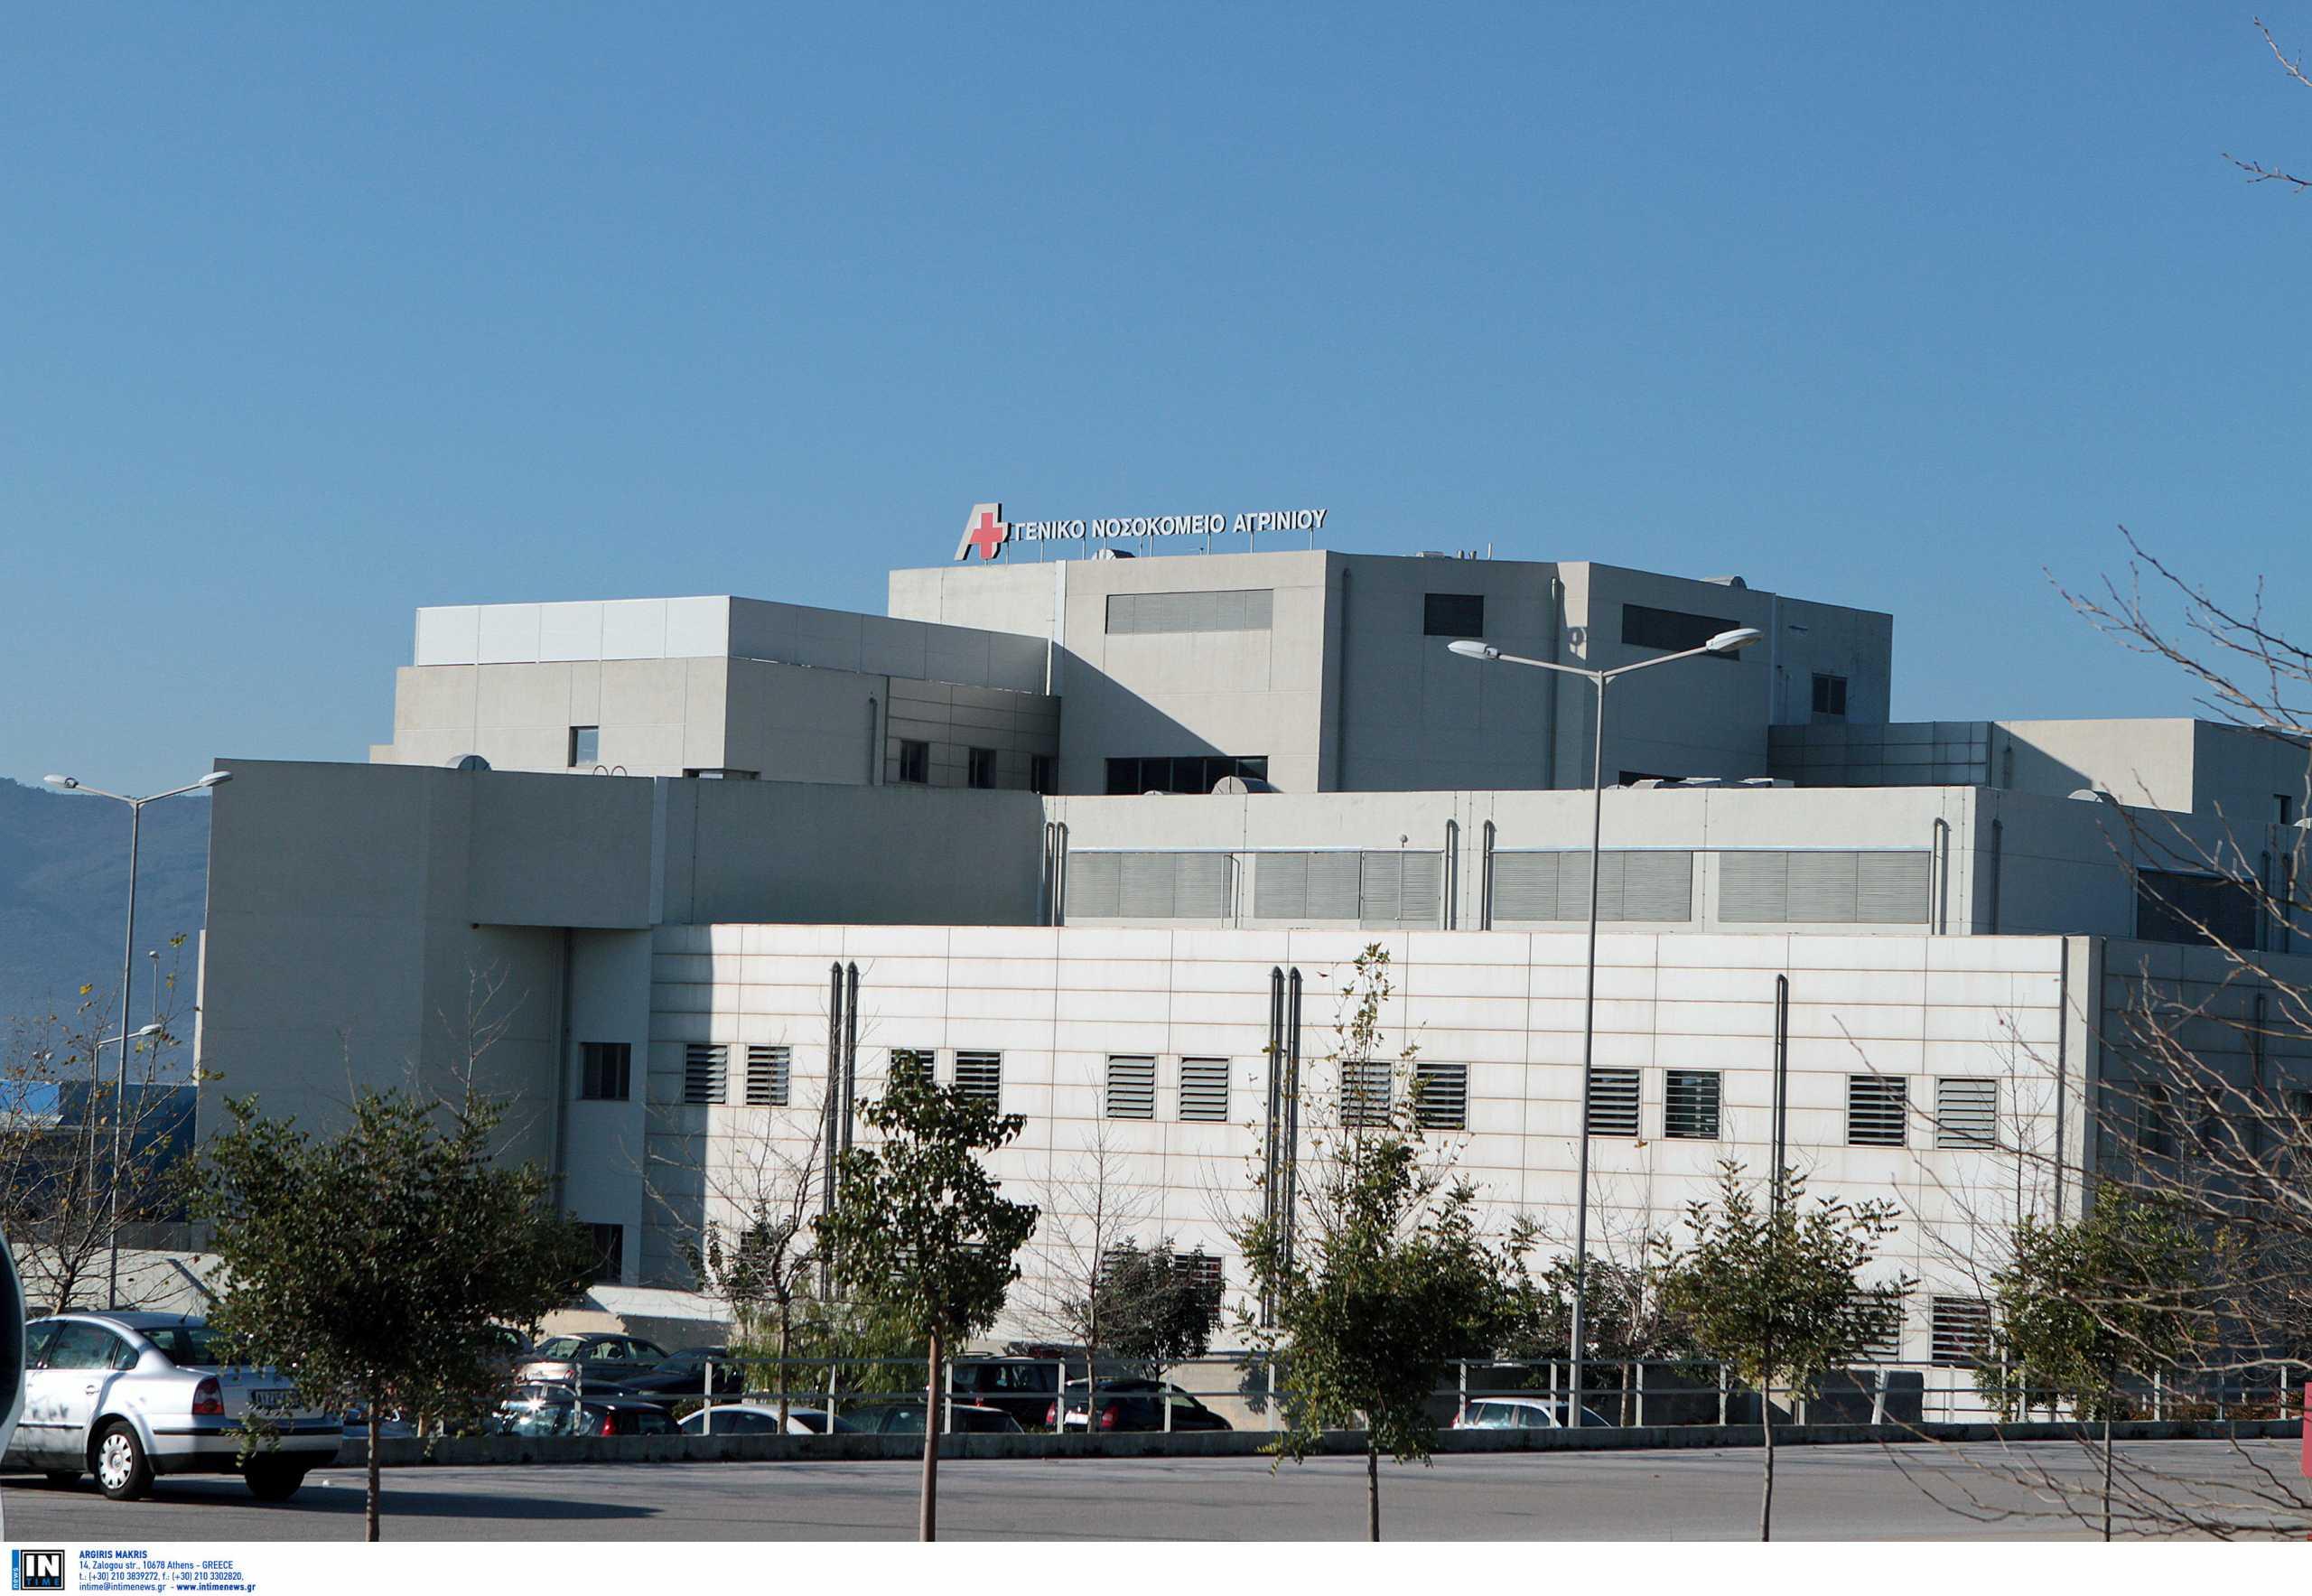 Αγρίνιο: Ξεκινά εισαγγελική έρευνα για τα πολύ υψηλά ποσοστά θνητότητας στη ΜΕΘ του νοσοκομείου